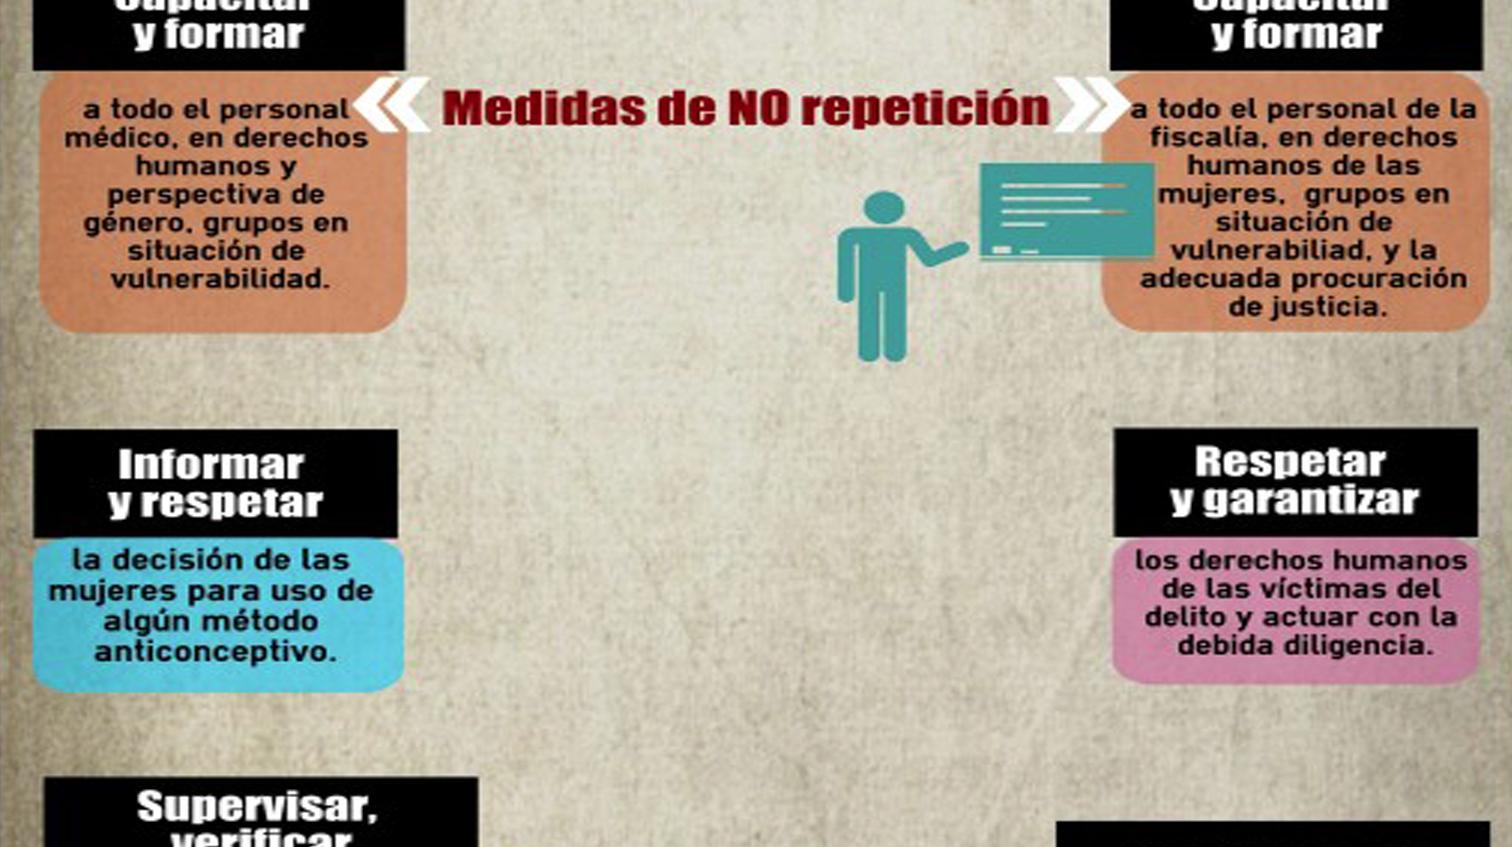 Infografía: La CNDH emite Recomendación por el caso de Irene Cruz Zúñiga